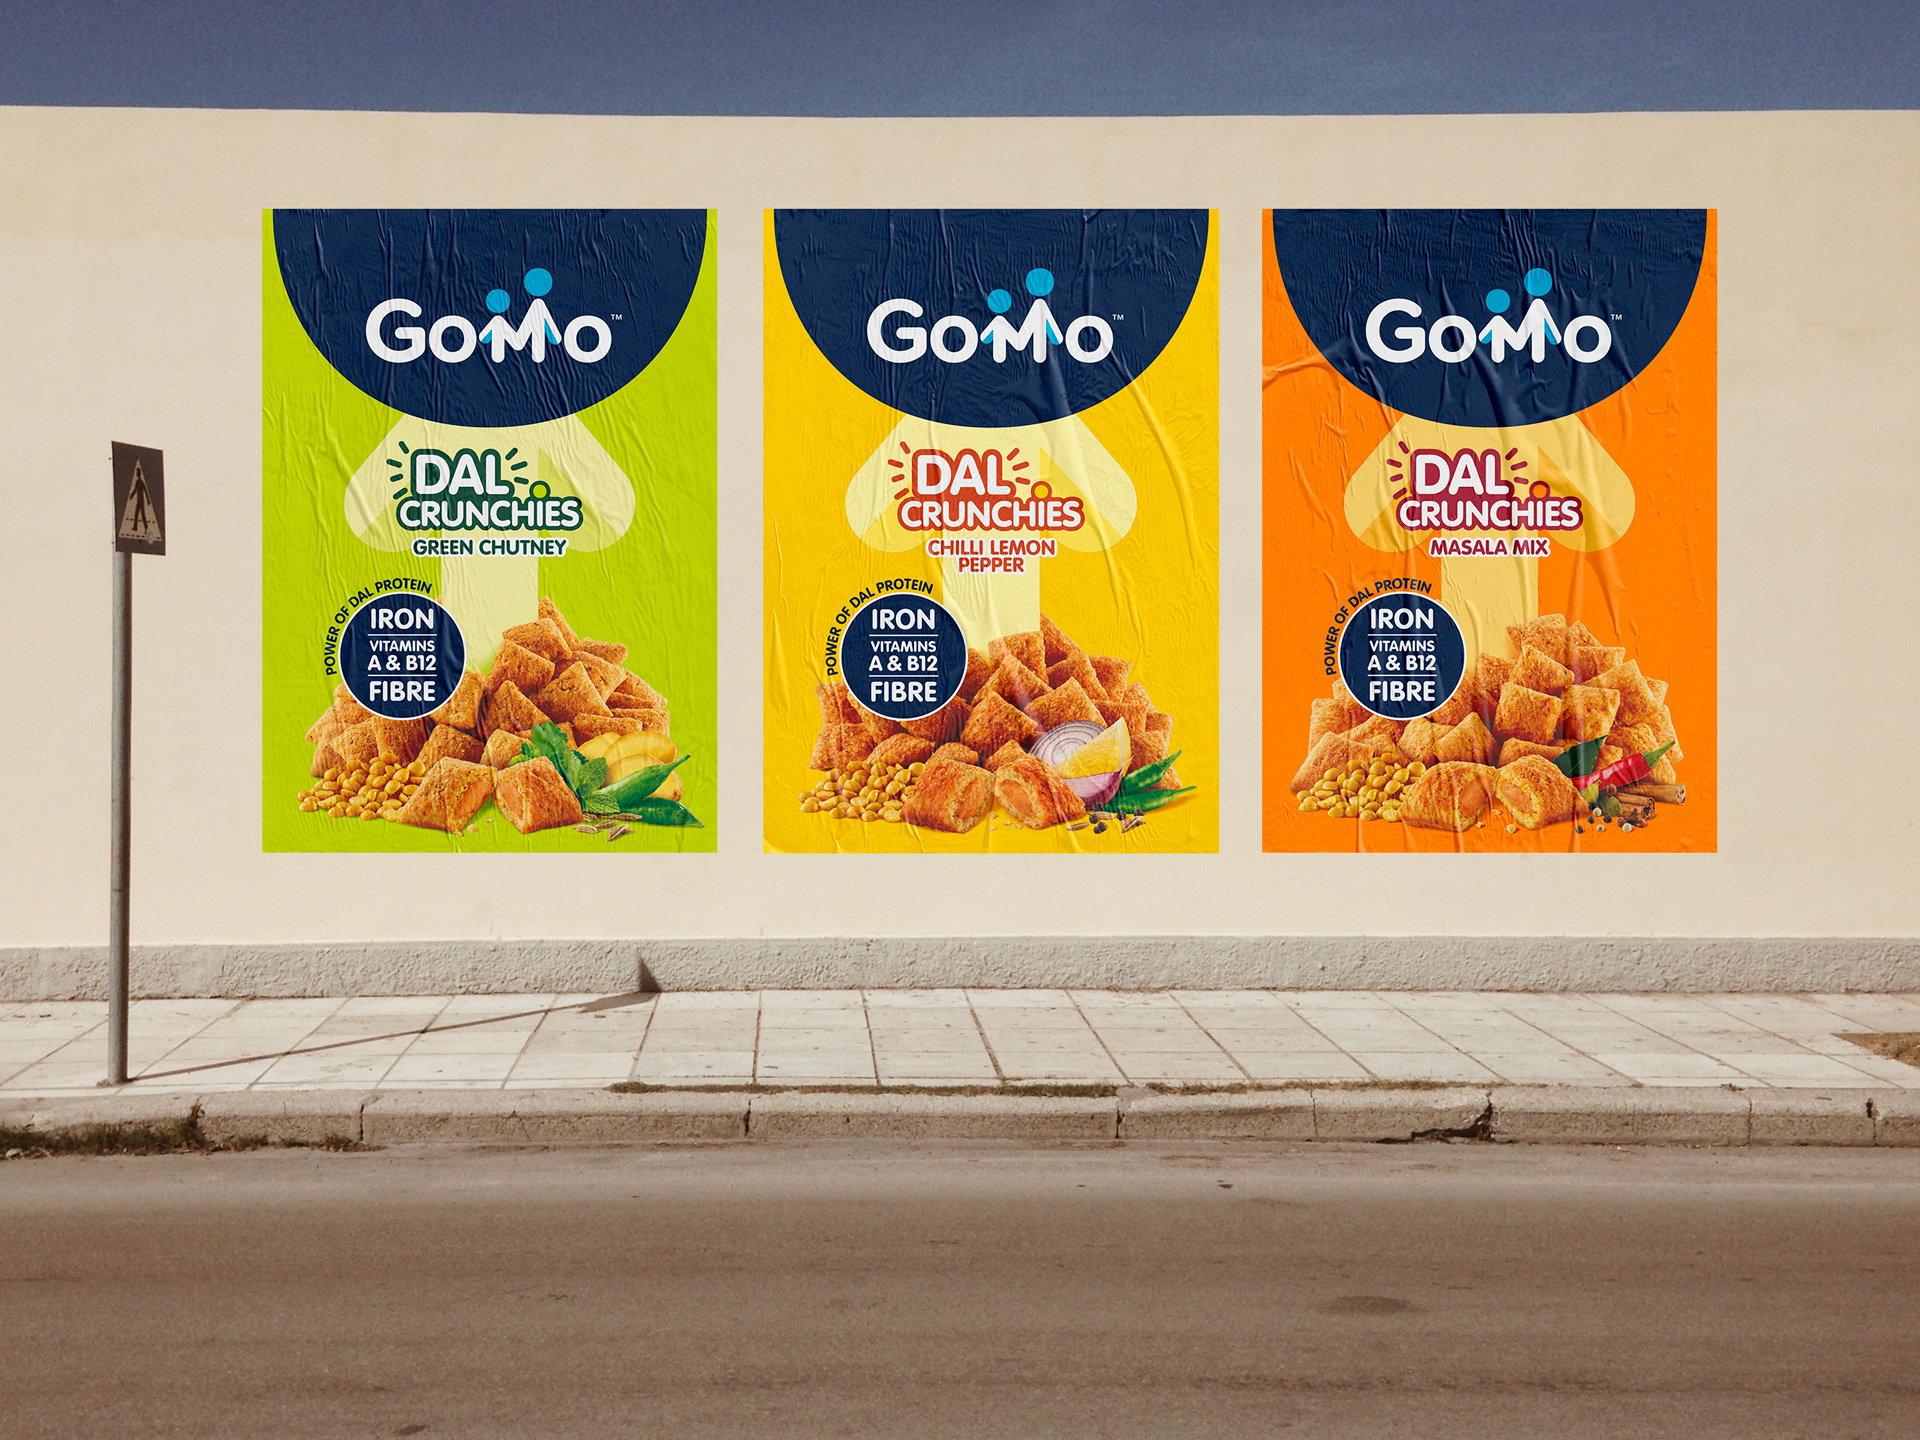 """GoMo Dal Crunchies """"class ="""" aimg lazyload """"/> </source> </picture> </figure> <p> Визуальное сокращение было разработано, чтобы охватить людей по всей Индии независимо от языка или грамотности. В связи с этим изображения ингредиентов играют жизненно важную роль на упаковке с цветами, которые представляют вкусные индийские ароматы и их питательные качества. А глубокий синий цвет был выбран в качестве основного цвета бренда во всех вариантах (Chili Lemon Pepper, Masala Mix, Green Chutney) для обеспечения согласованности и представления доверия и эффективности. </p> <p> «Мы полностью внедрились», добавил Фостер , «Нам пришлось потратить время на месте, чтобы полностью понять сложность индийского рынка. Крайне важно, чтобы мы оценили роль бренда, его аудиторию, и что все это было о том, чтобы быть безопасным, питательным и одобренным мамой». </p> <div class="""